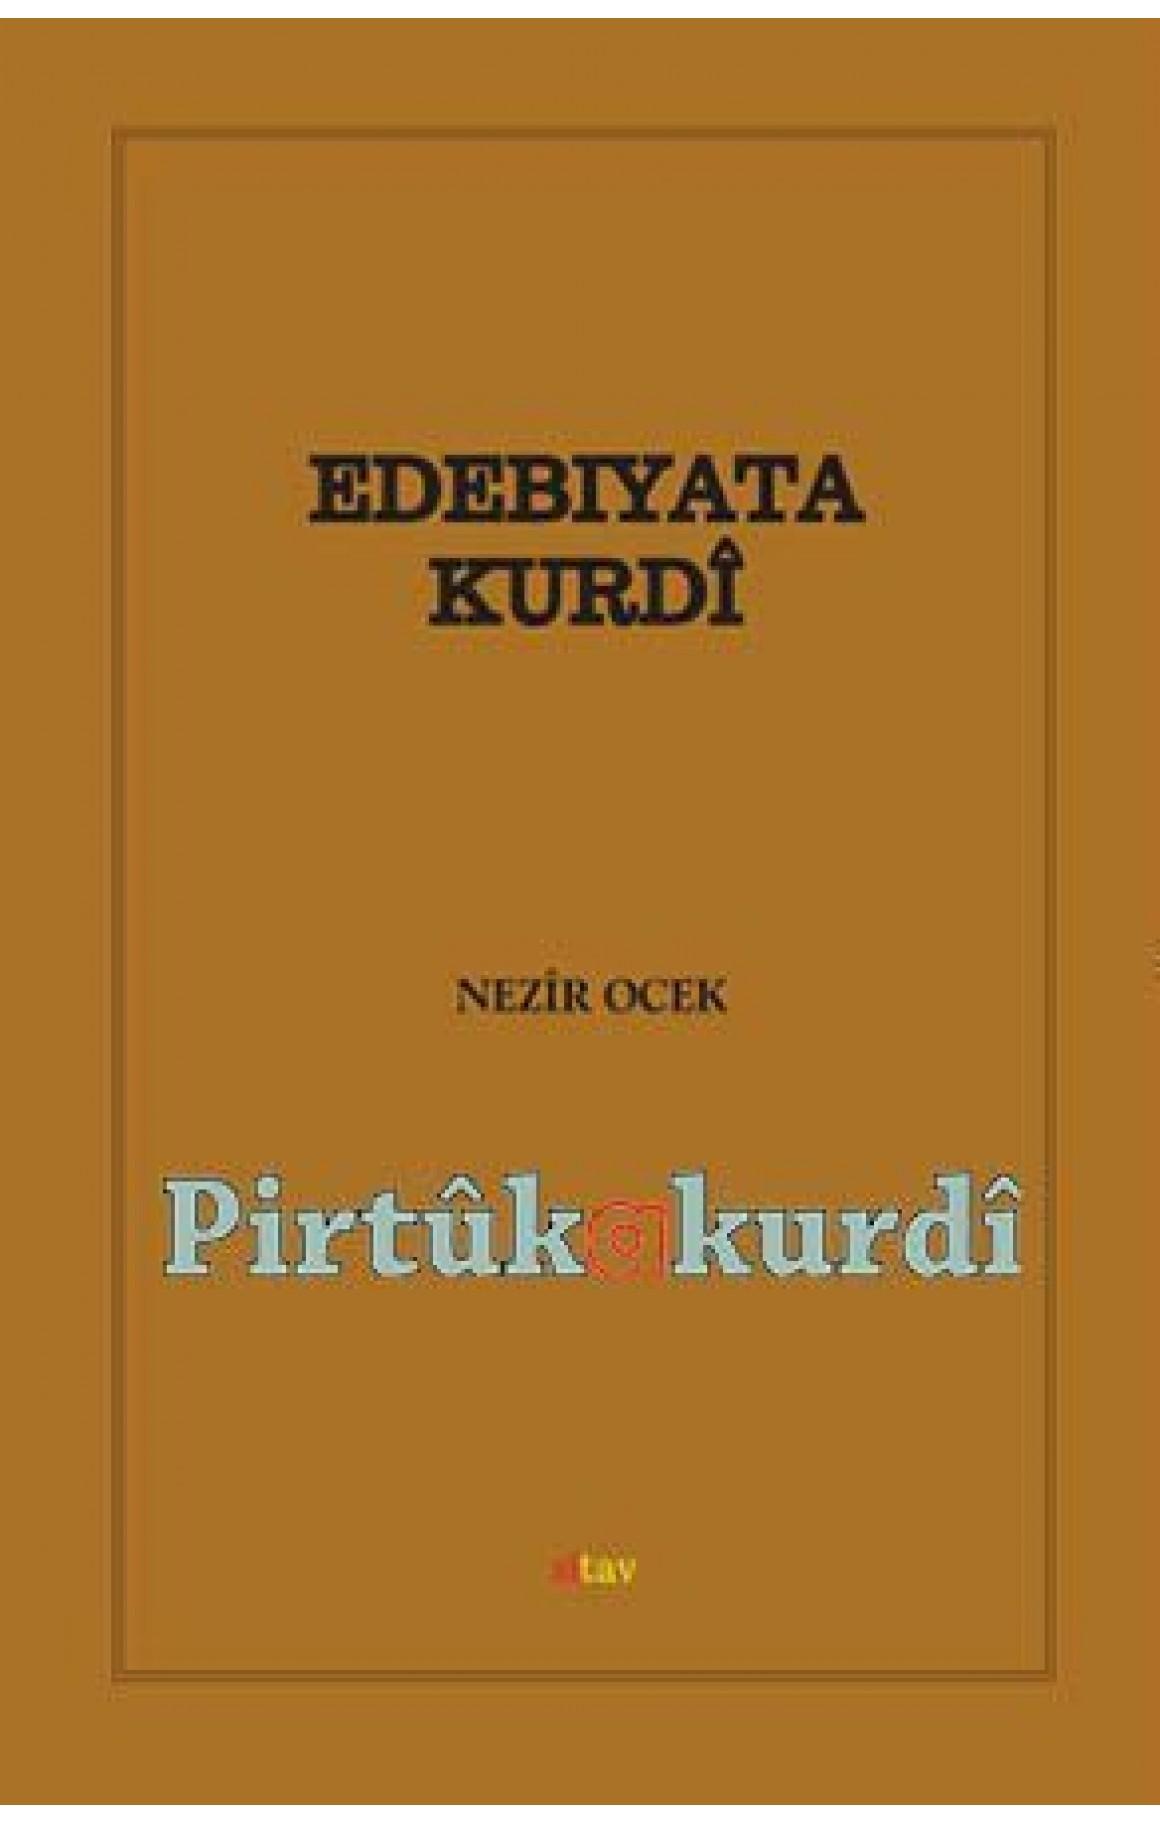 Edebiyata Kurdî